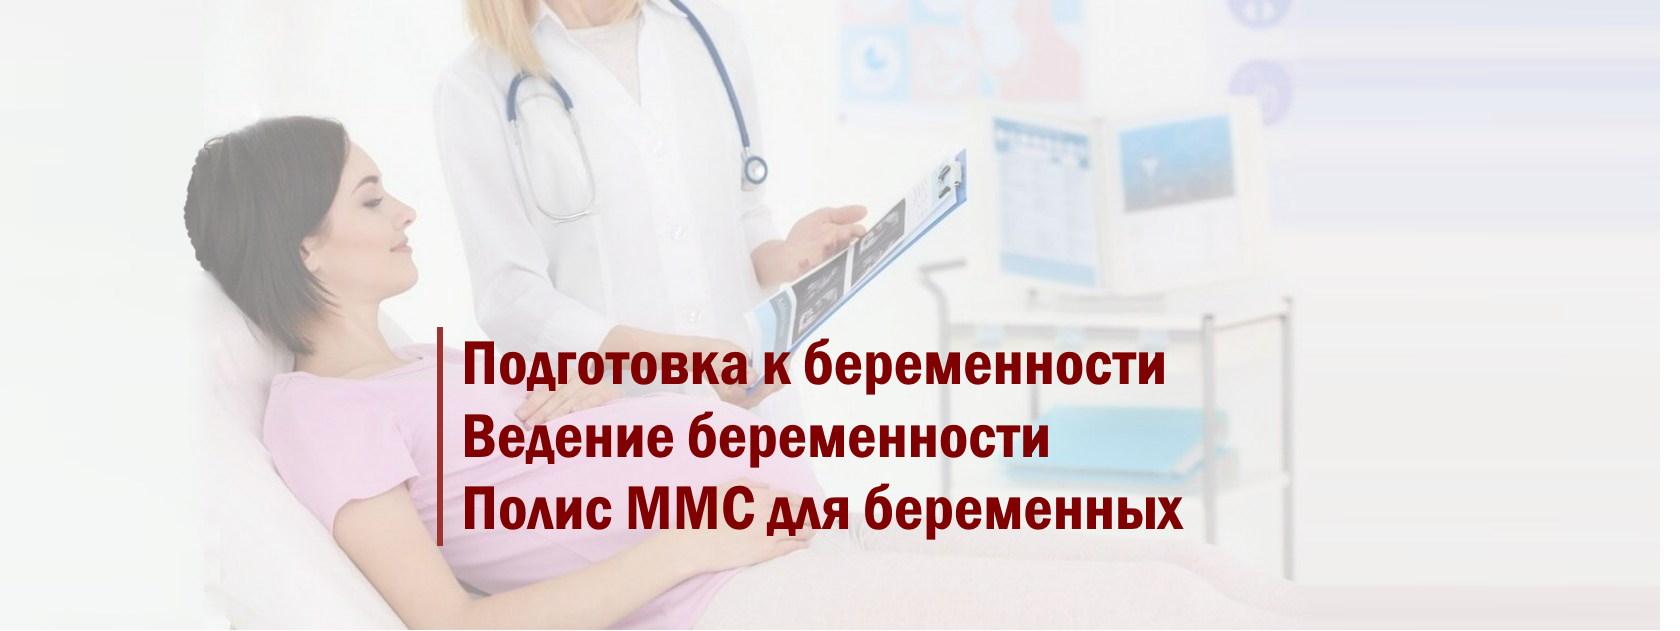 Планирование и ведение беременности по ММС